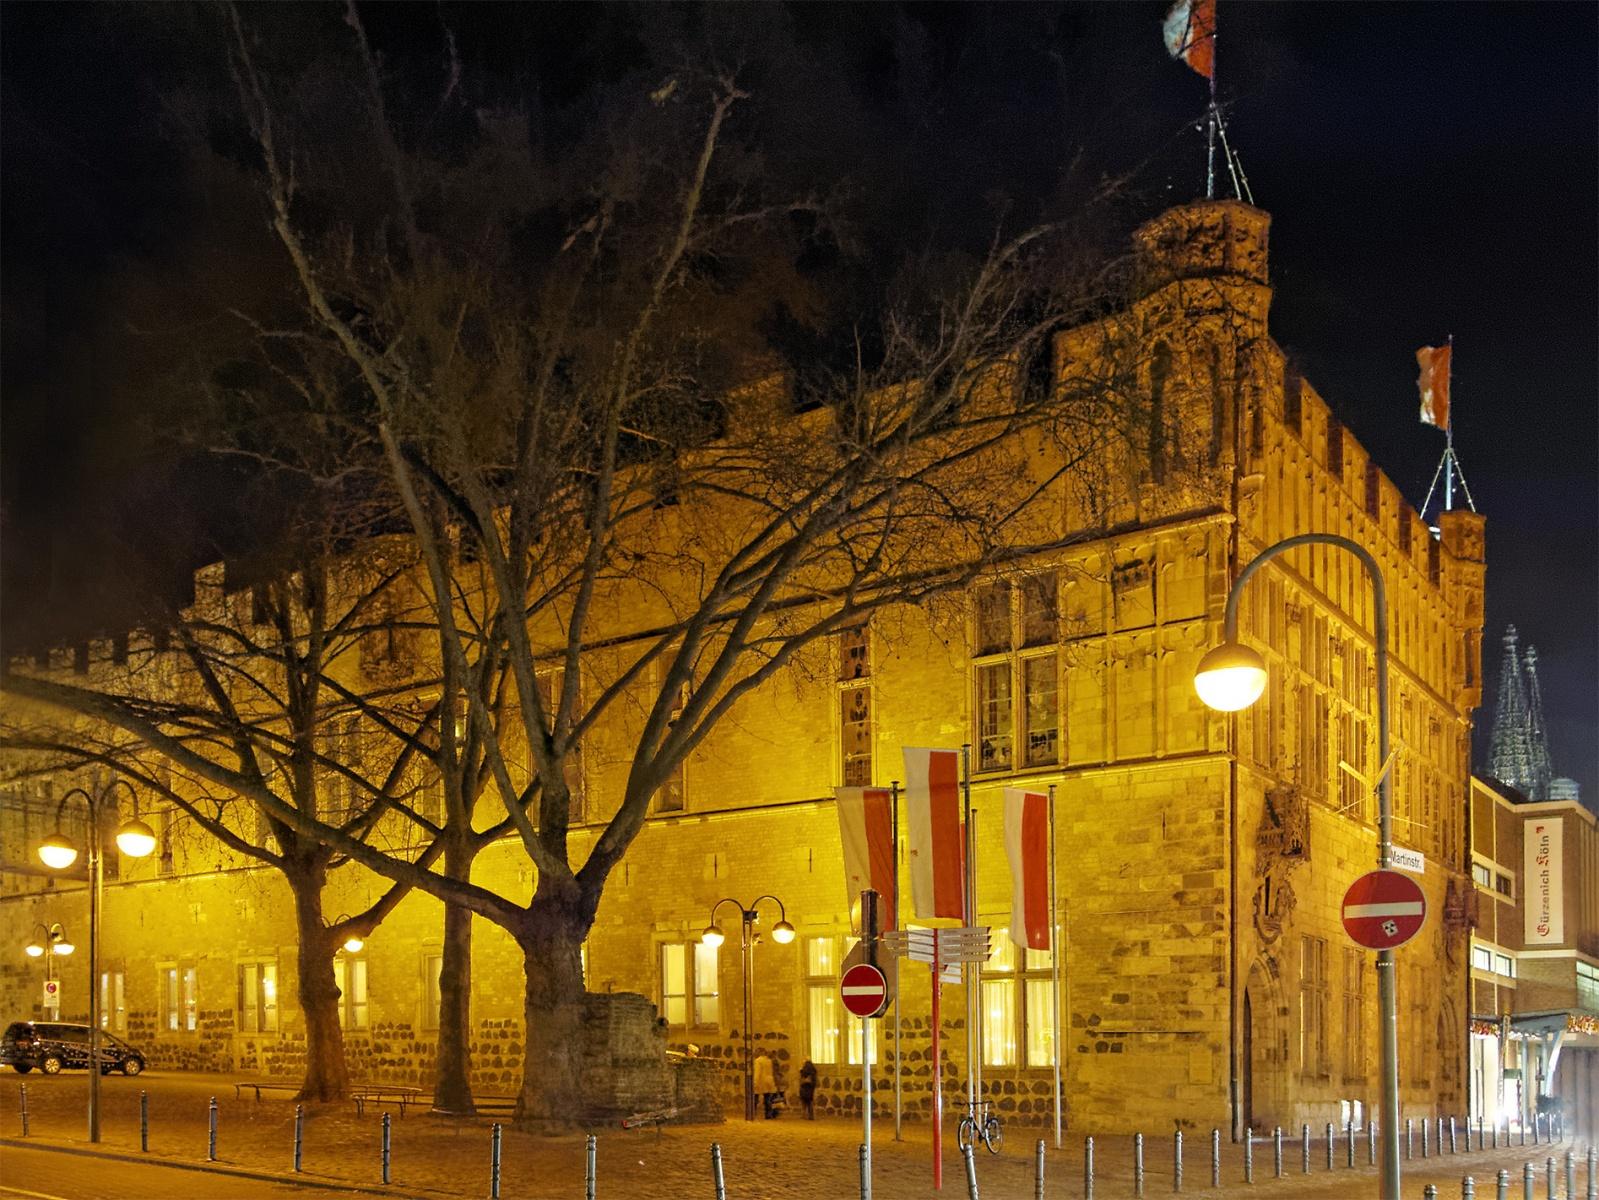 Der Gürzenich bei Nacht, Bild: pedelecs